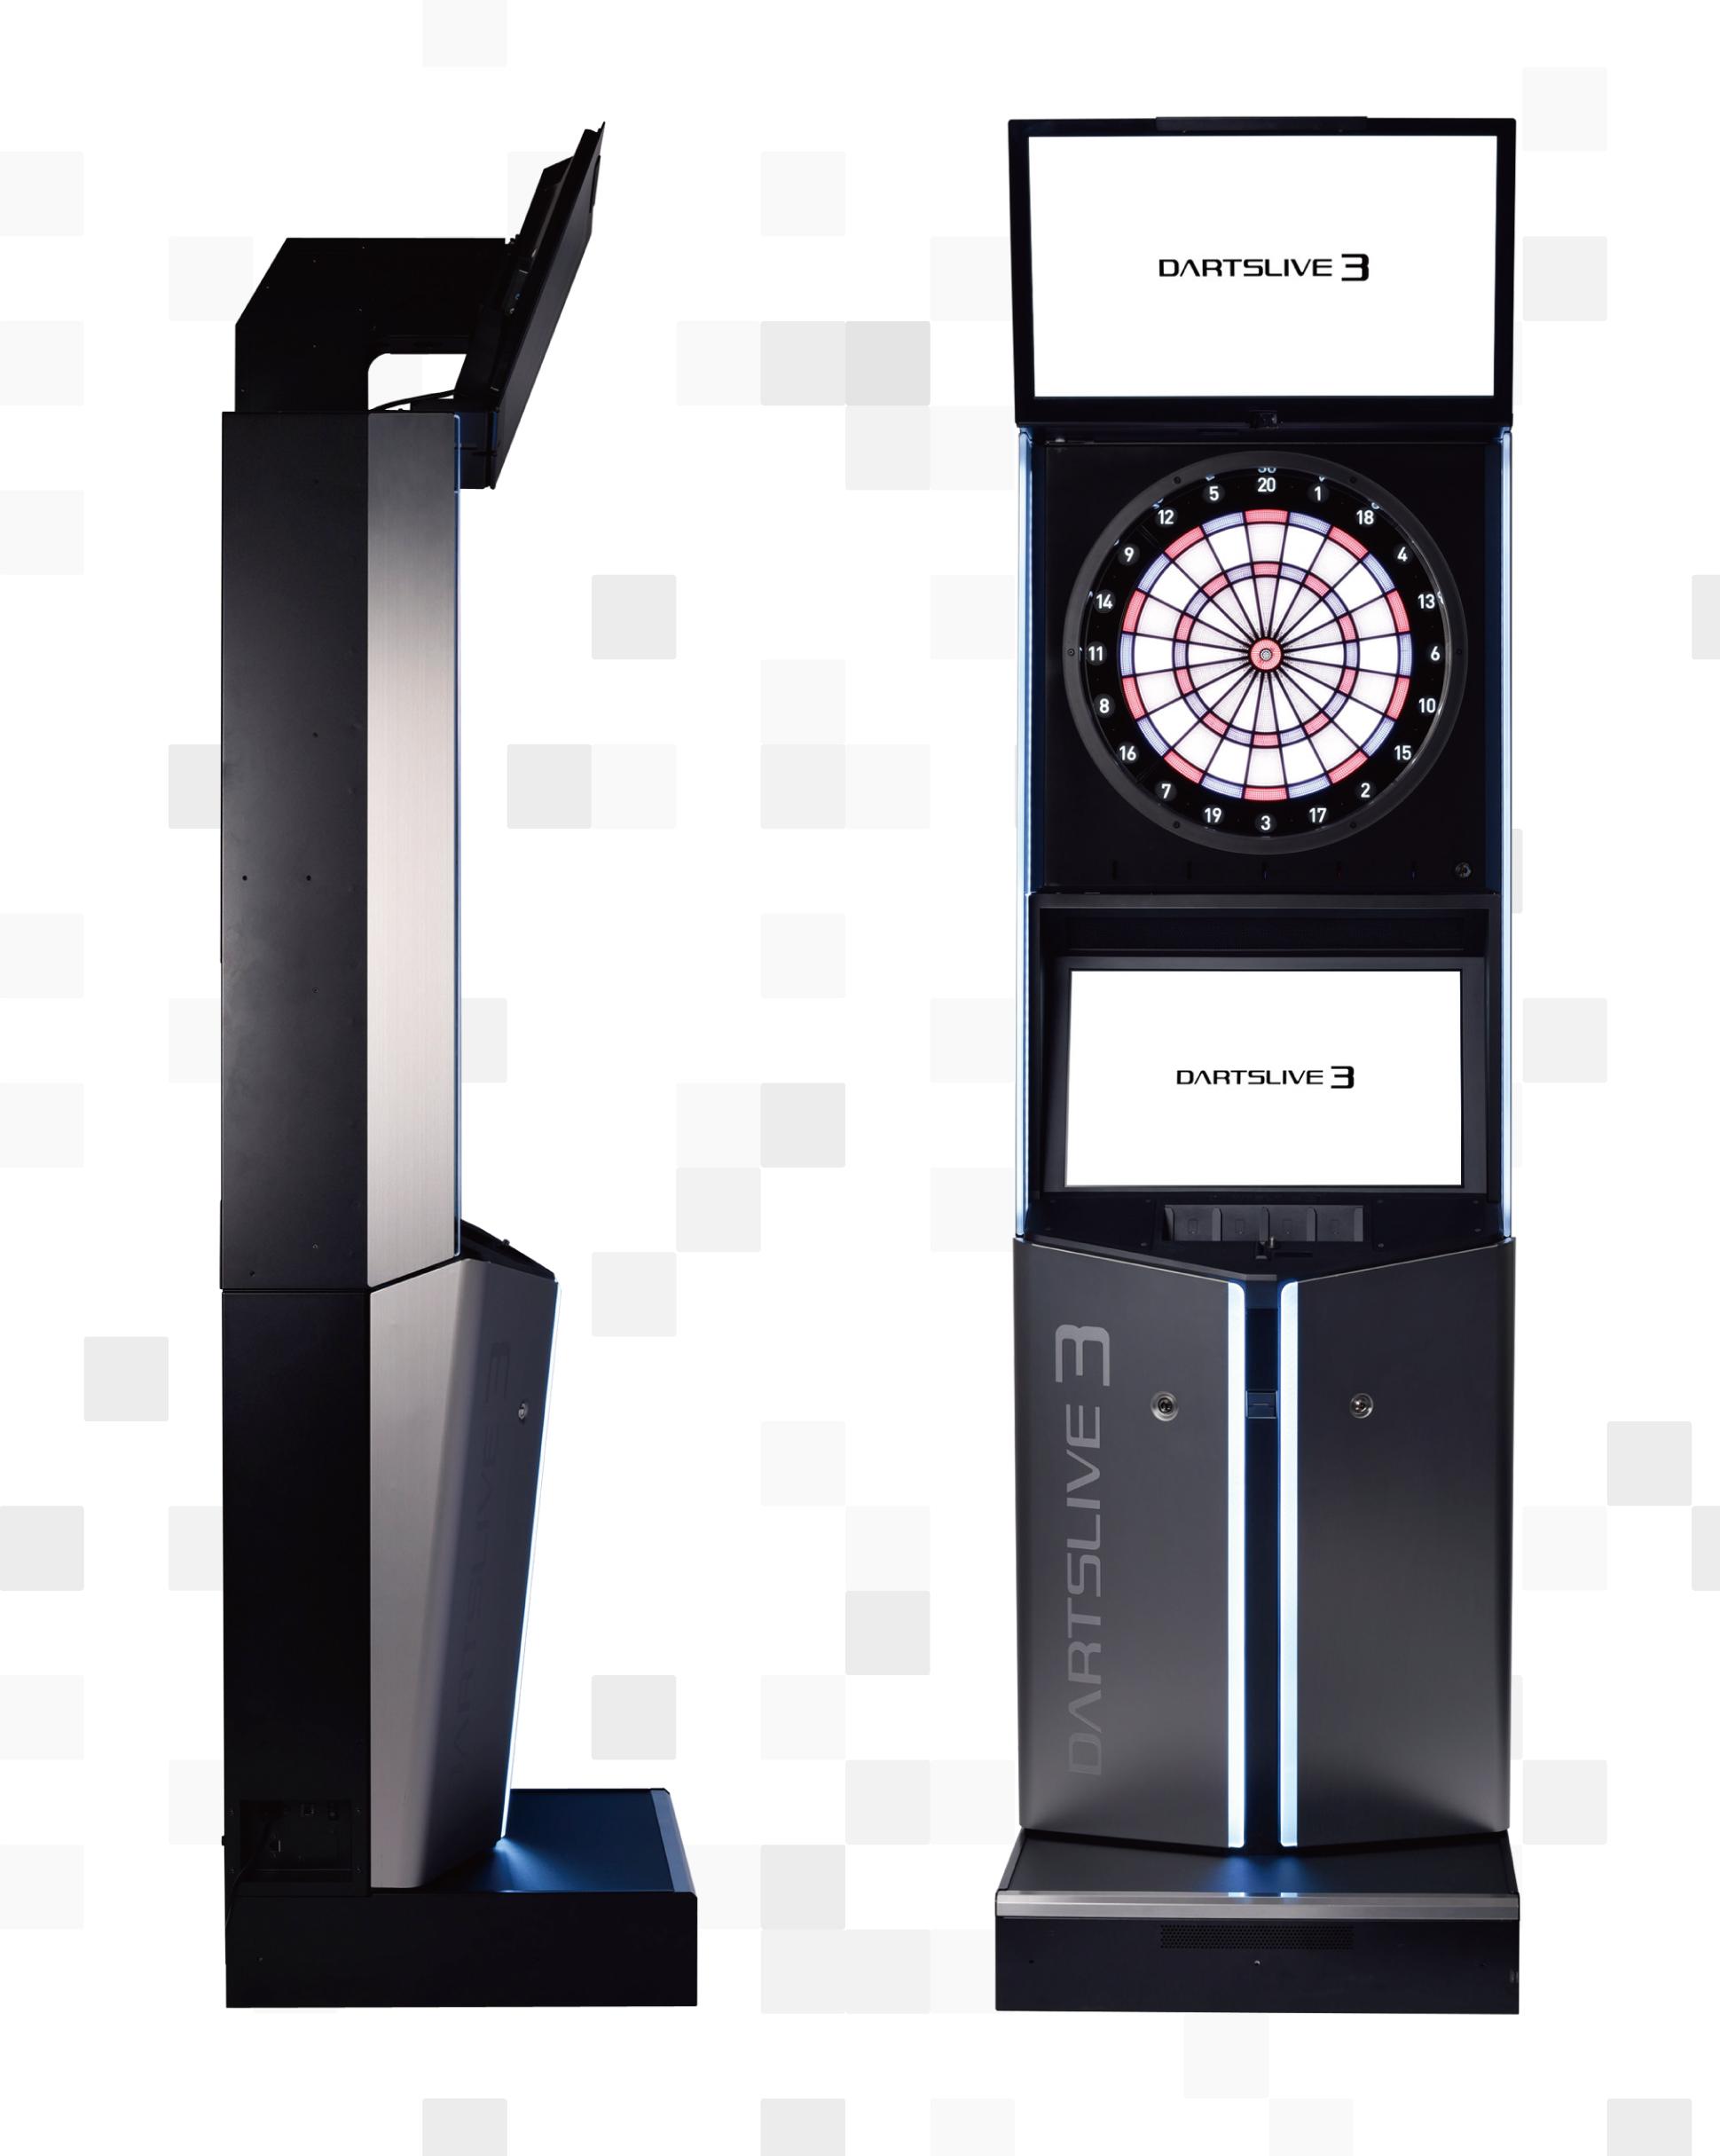 バグース26店舗で最新ダーツマシン「DARTSLIVE3」導入!これまでにない革新的な機能を搭載!